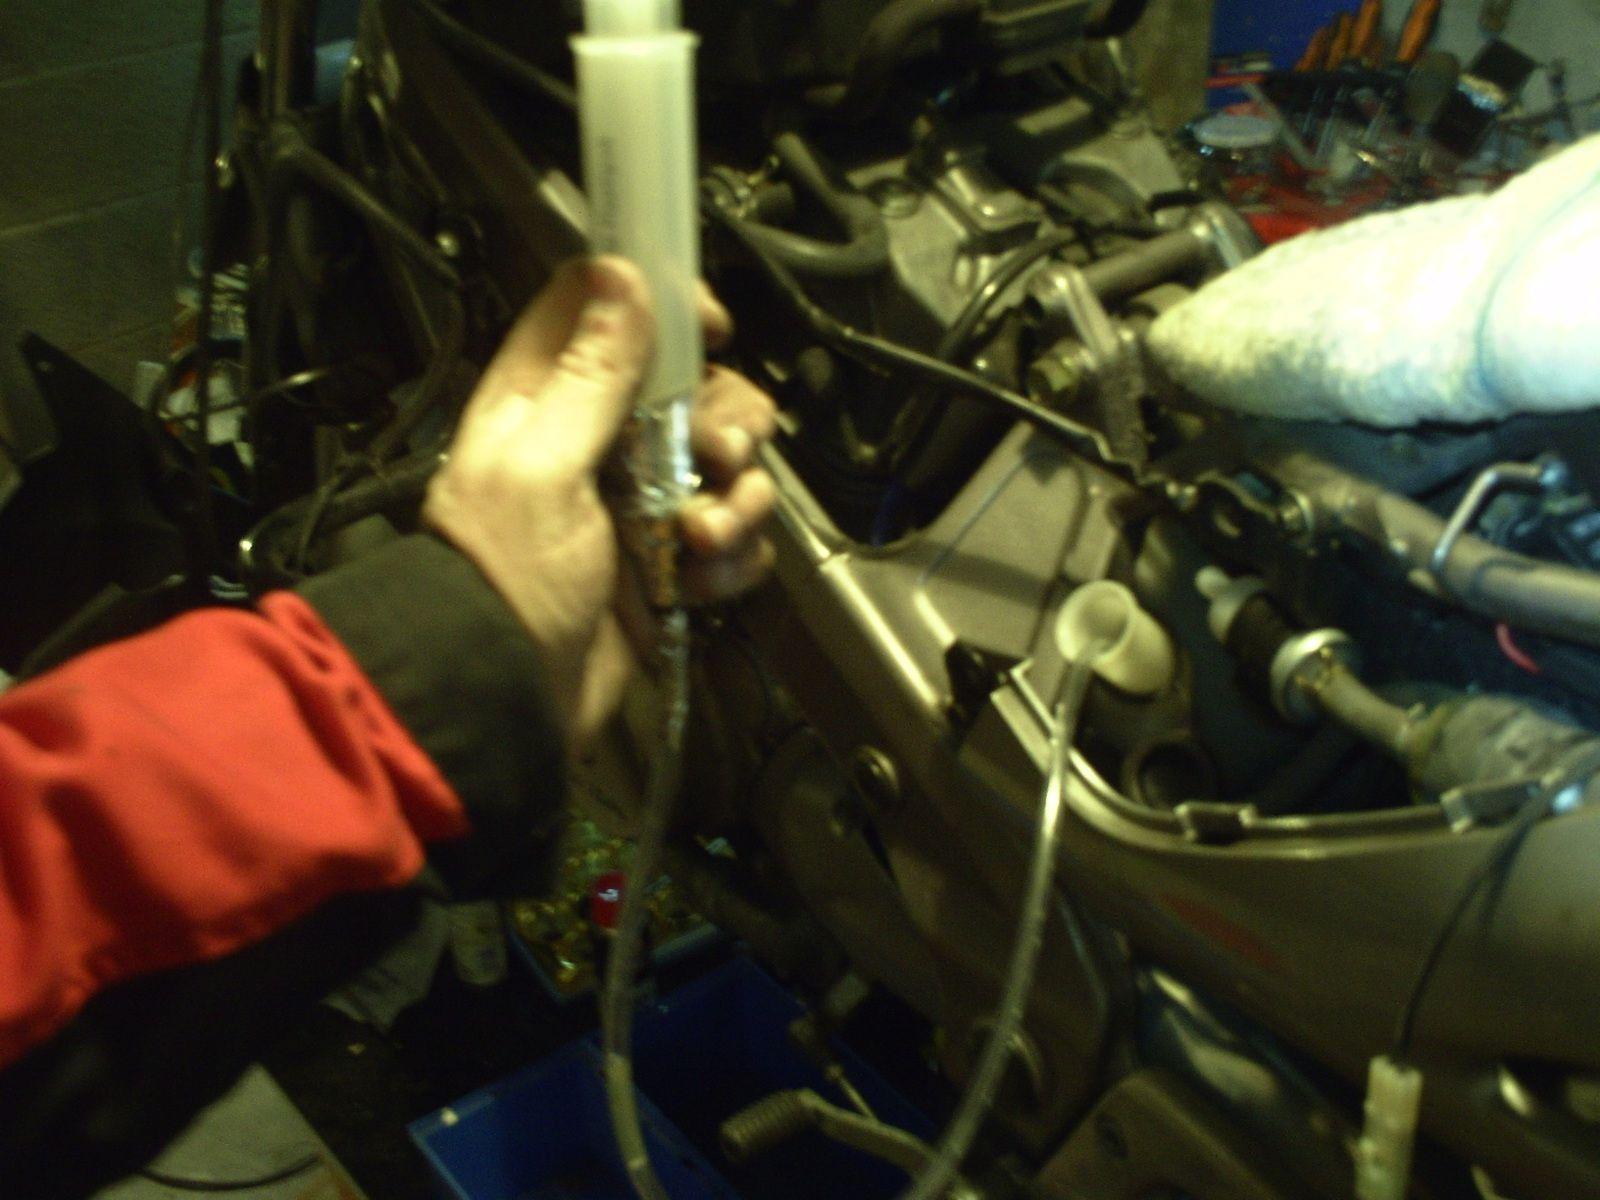 Deauville 650 - Changer le liquide de refroidissement et ralenti